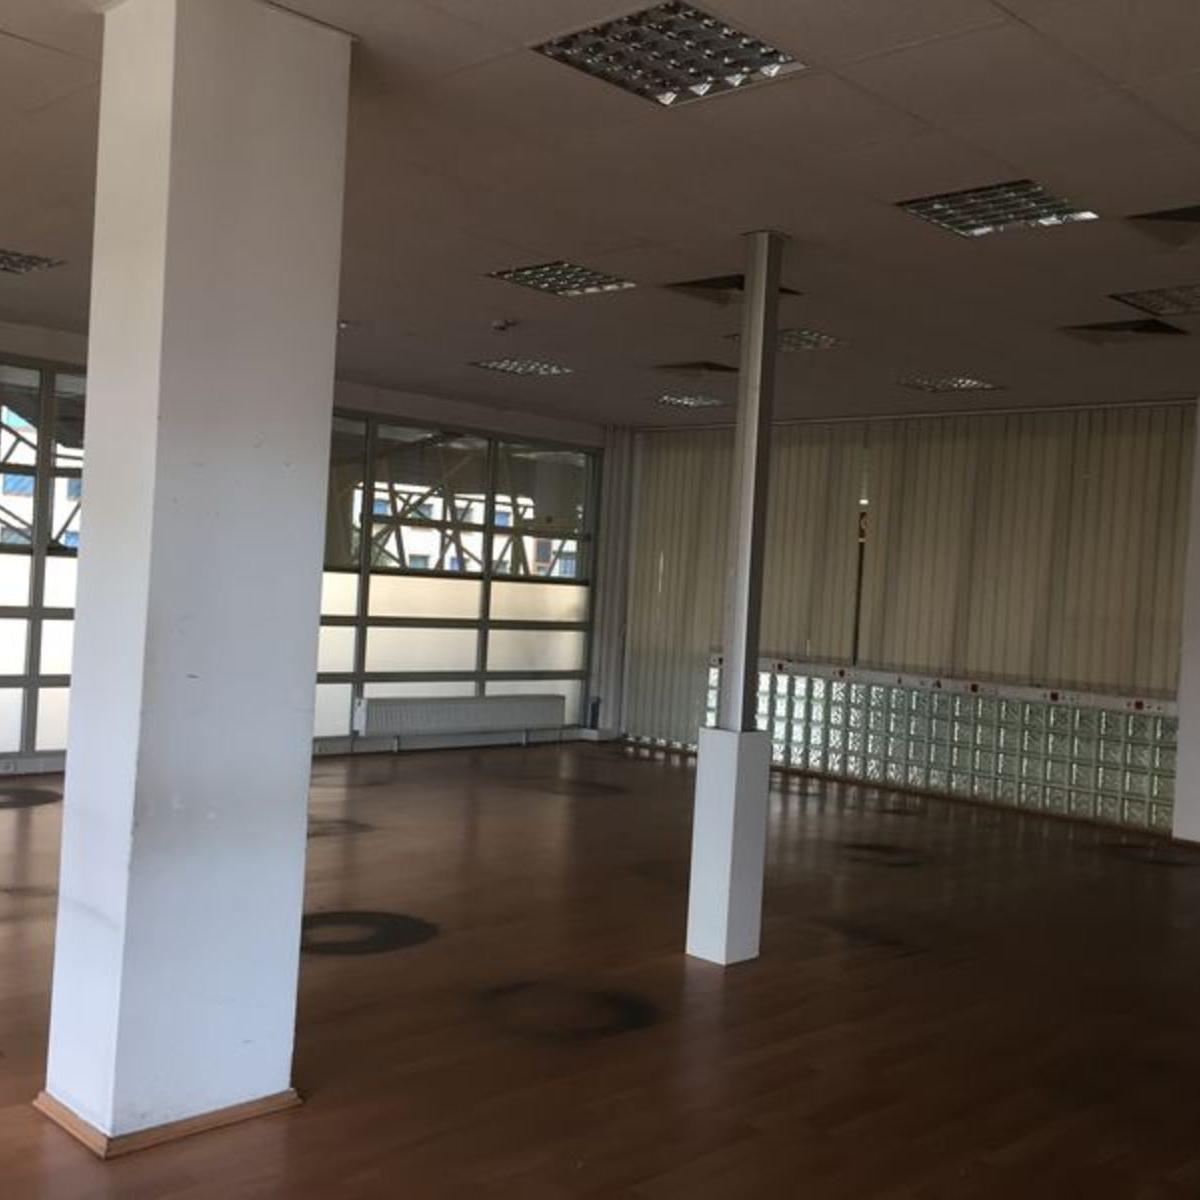 Kiadó  iroda (Budapest, XIII. kerületBudapest, XIII. kerület, Lehel u.) 1,92 M  Ft/hó +ÁFA